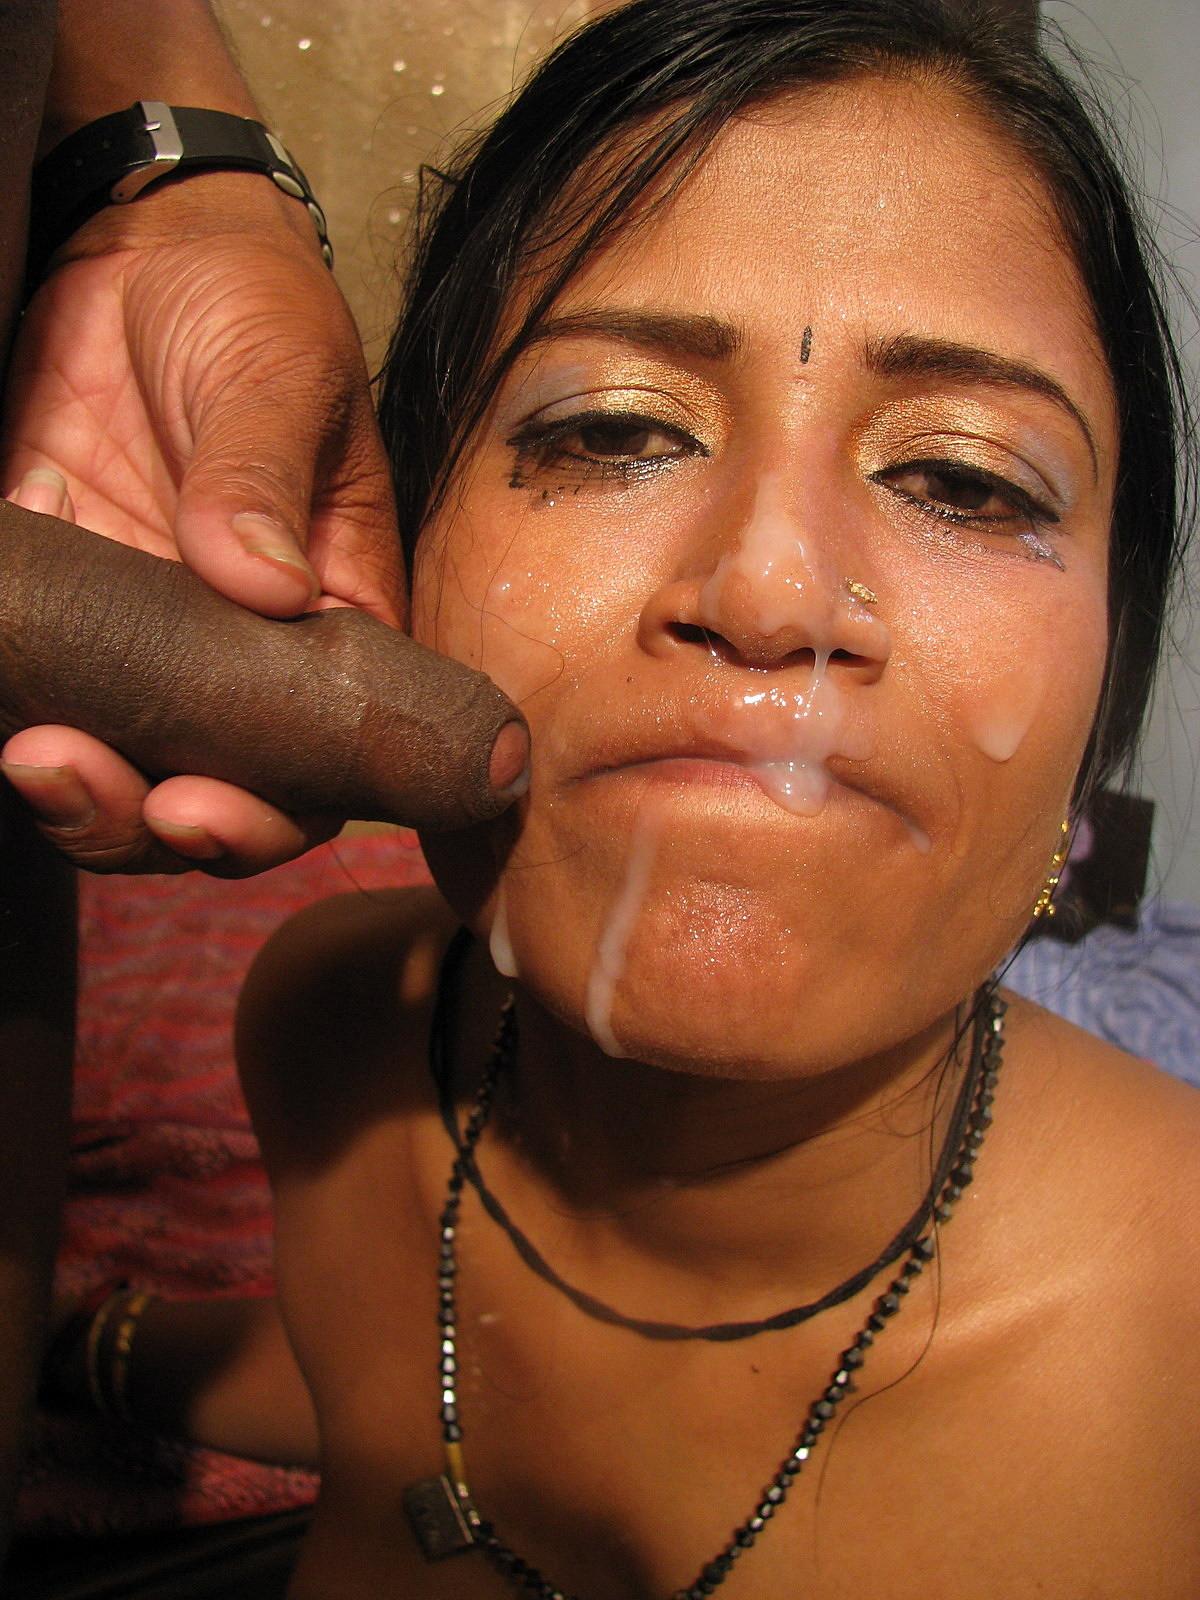 Четыре индианки занимаются сексом по очереди